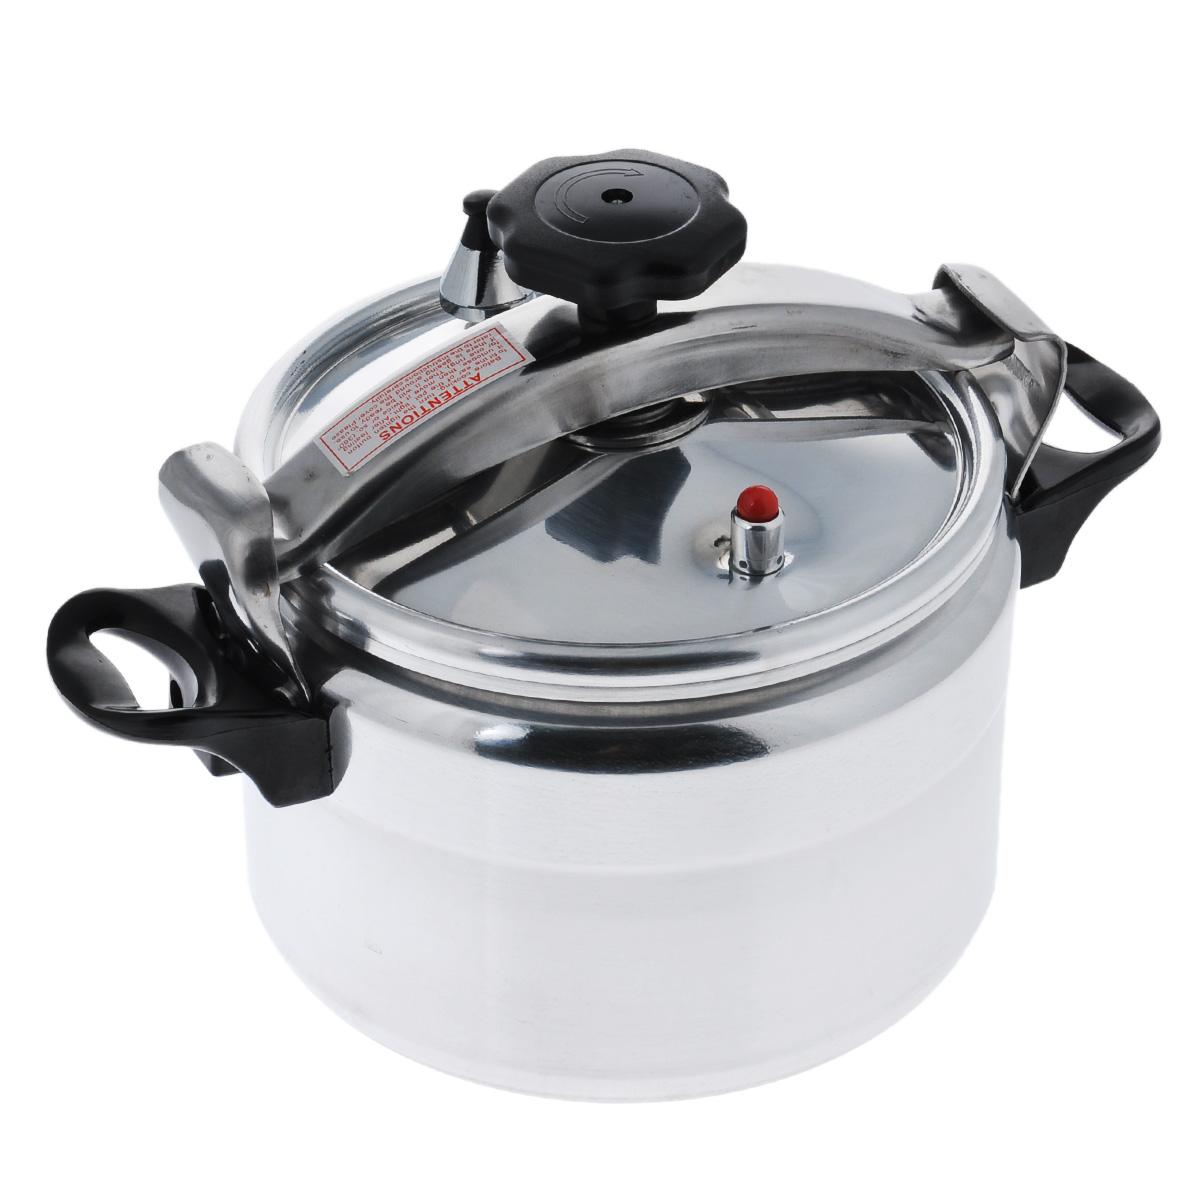 Скороварка Mayer & Boch, 7 л4992Скороварка Mayer & Boch изготовлена из высококачественного алюминия с зеркальной полировкой. Материал изделия безопасен для здоровья, гигиеничен, хорошо проводит тепло и легко чистится. Изделие устойчиво к механическим повреждениям, равномерно распределяет тепло и экономит энергию. Скороварка готовит при высоких температурах. Плотно прилегающая крышка из нержавеющей стали, и дополнительное уплотнительное кольцо предотвращают выход пара. Горячий пар распределяется по всей внутренней поверхности изделия, что позволяет готовить здоровую и вкусную пищу намного быстрее. Основное преимущество скороварок в том, что при готовке все питательные вещества и микроэлементы сохраняются. Эргономичные бакелитовые ручки обеспечивают удобный захват. Скороварка Mayer & Boch послужит прекрасным помощником для вас и членов вашей семьи. Подходит для использования на всех типах плит, кроме индукционных. Можно мыть в посудомоечной машине. Высота стенки: 16,5 см. Диаметр по...